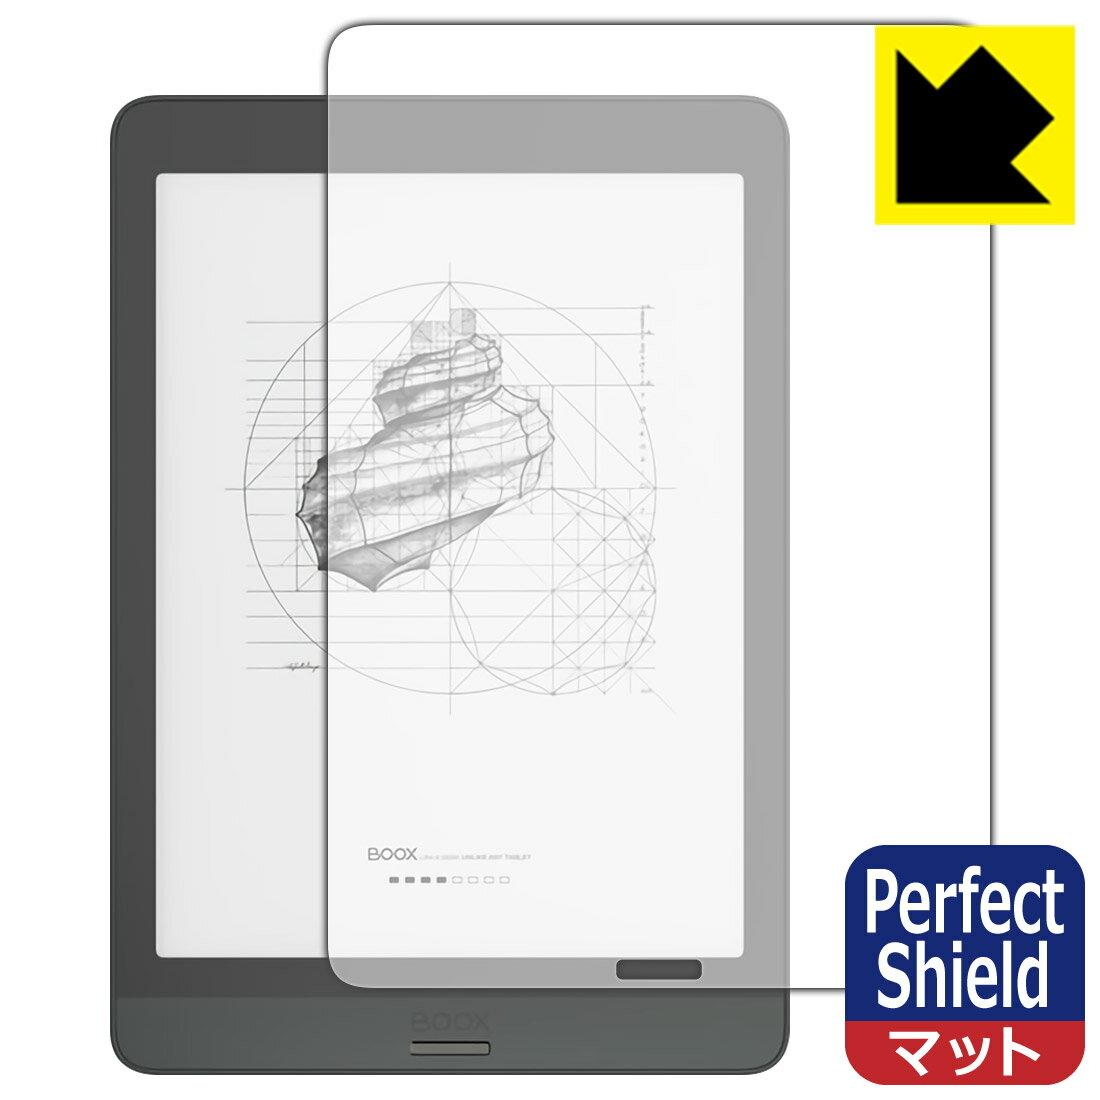 電子書籍リーダーアクセサリー, その他 Perfect Shield Onyx BOOX Nova3 (3) RCPsmtb-kd